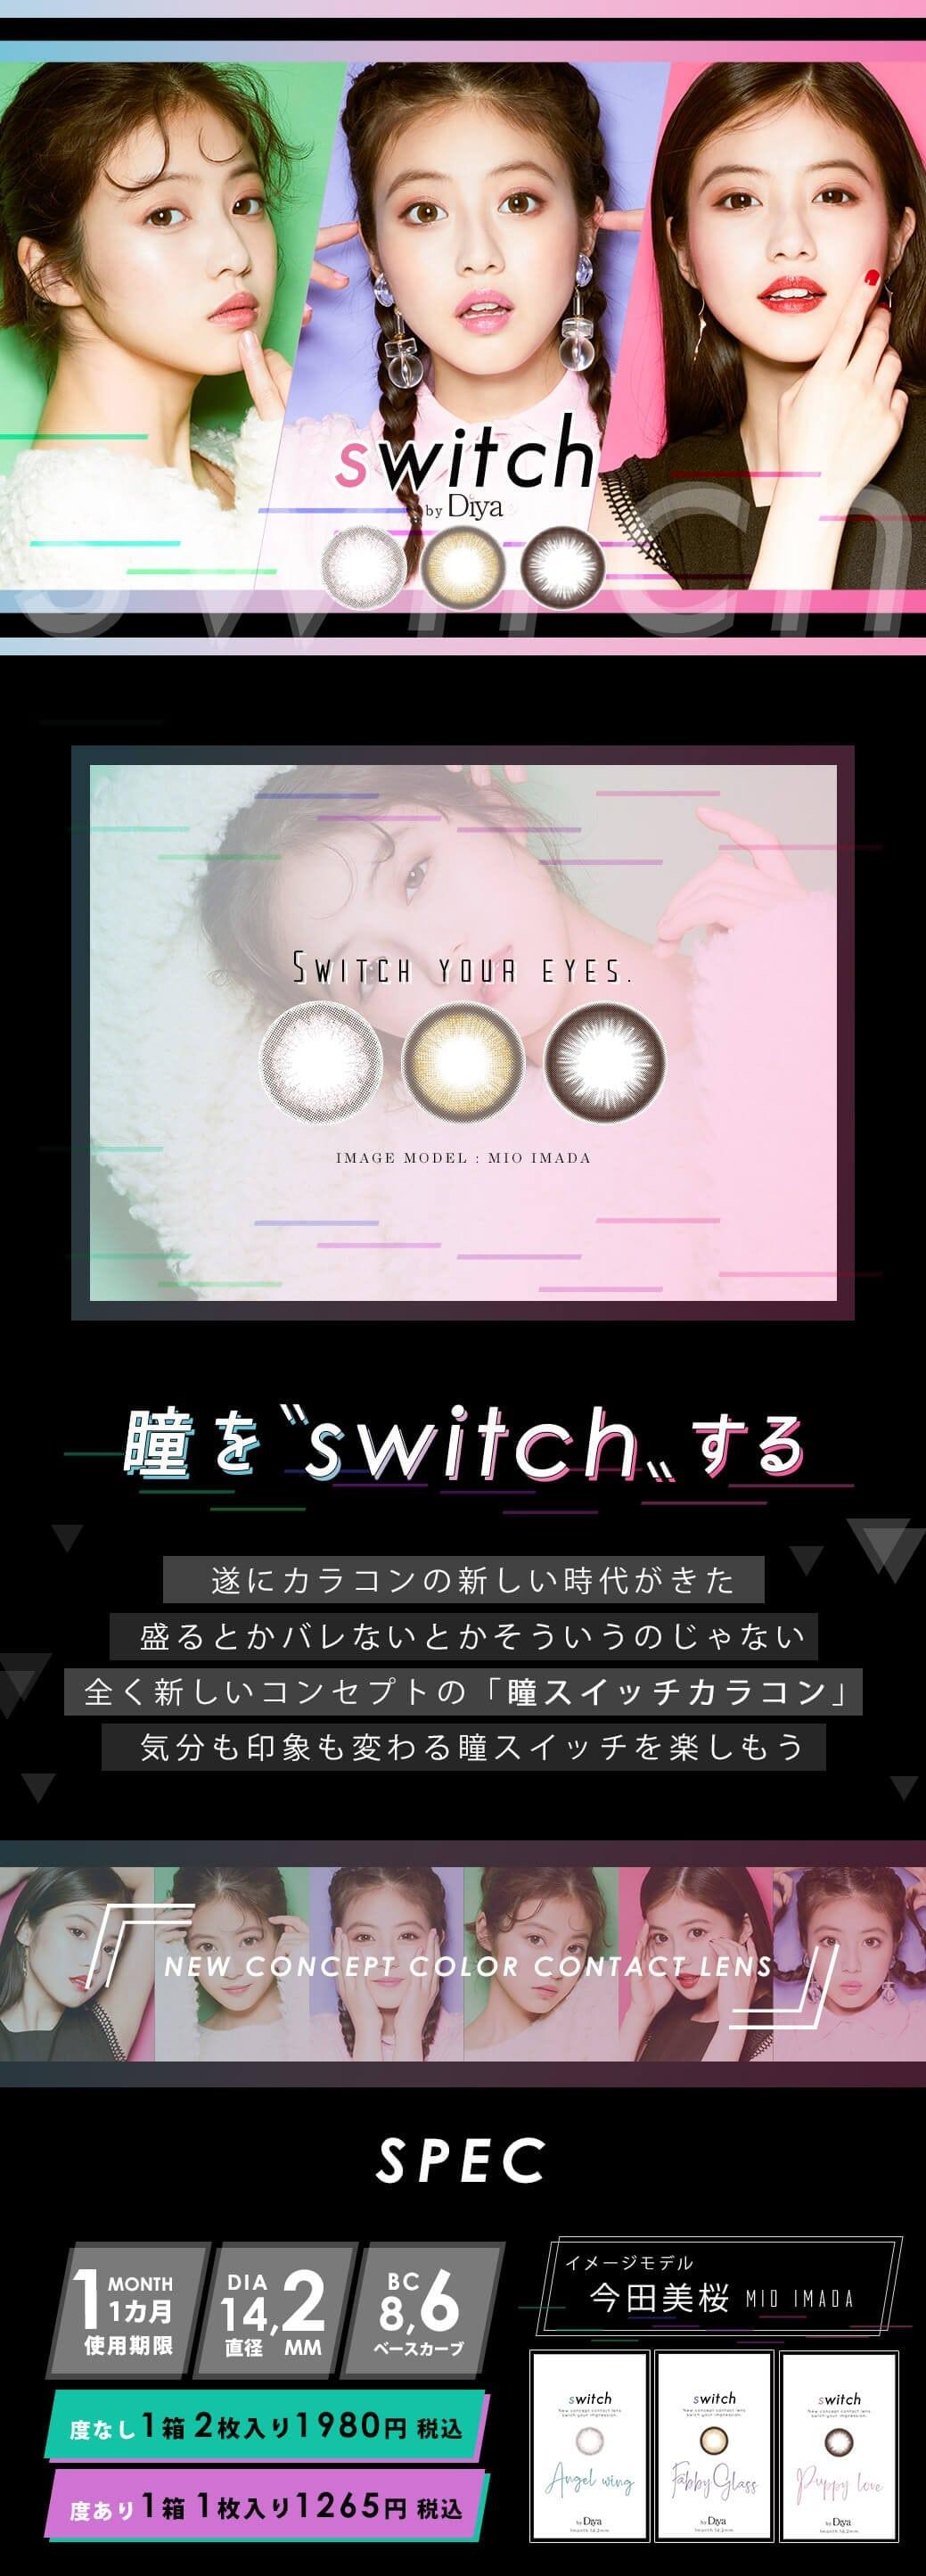 switch by Diya (スイッチ バイ ダイヤ)